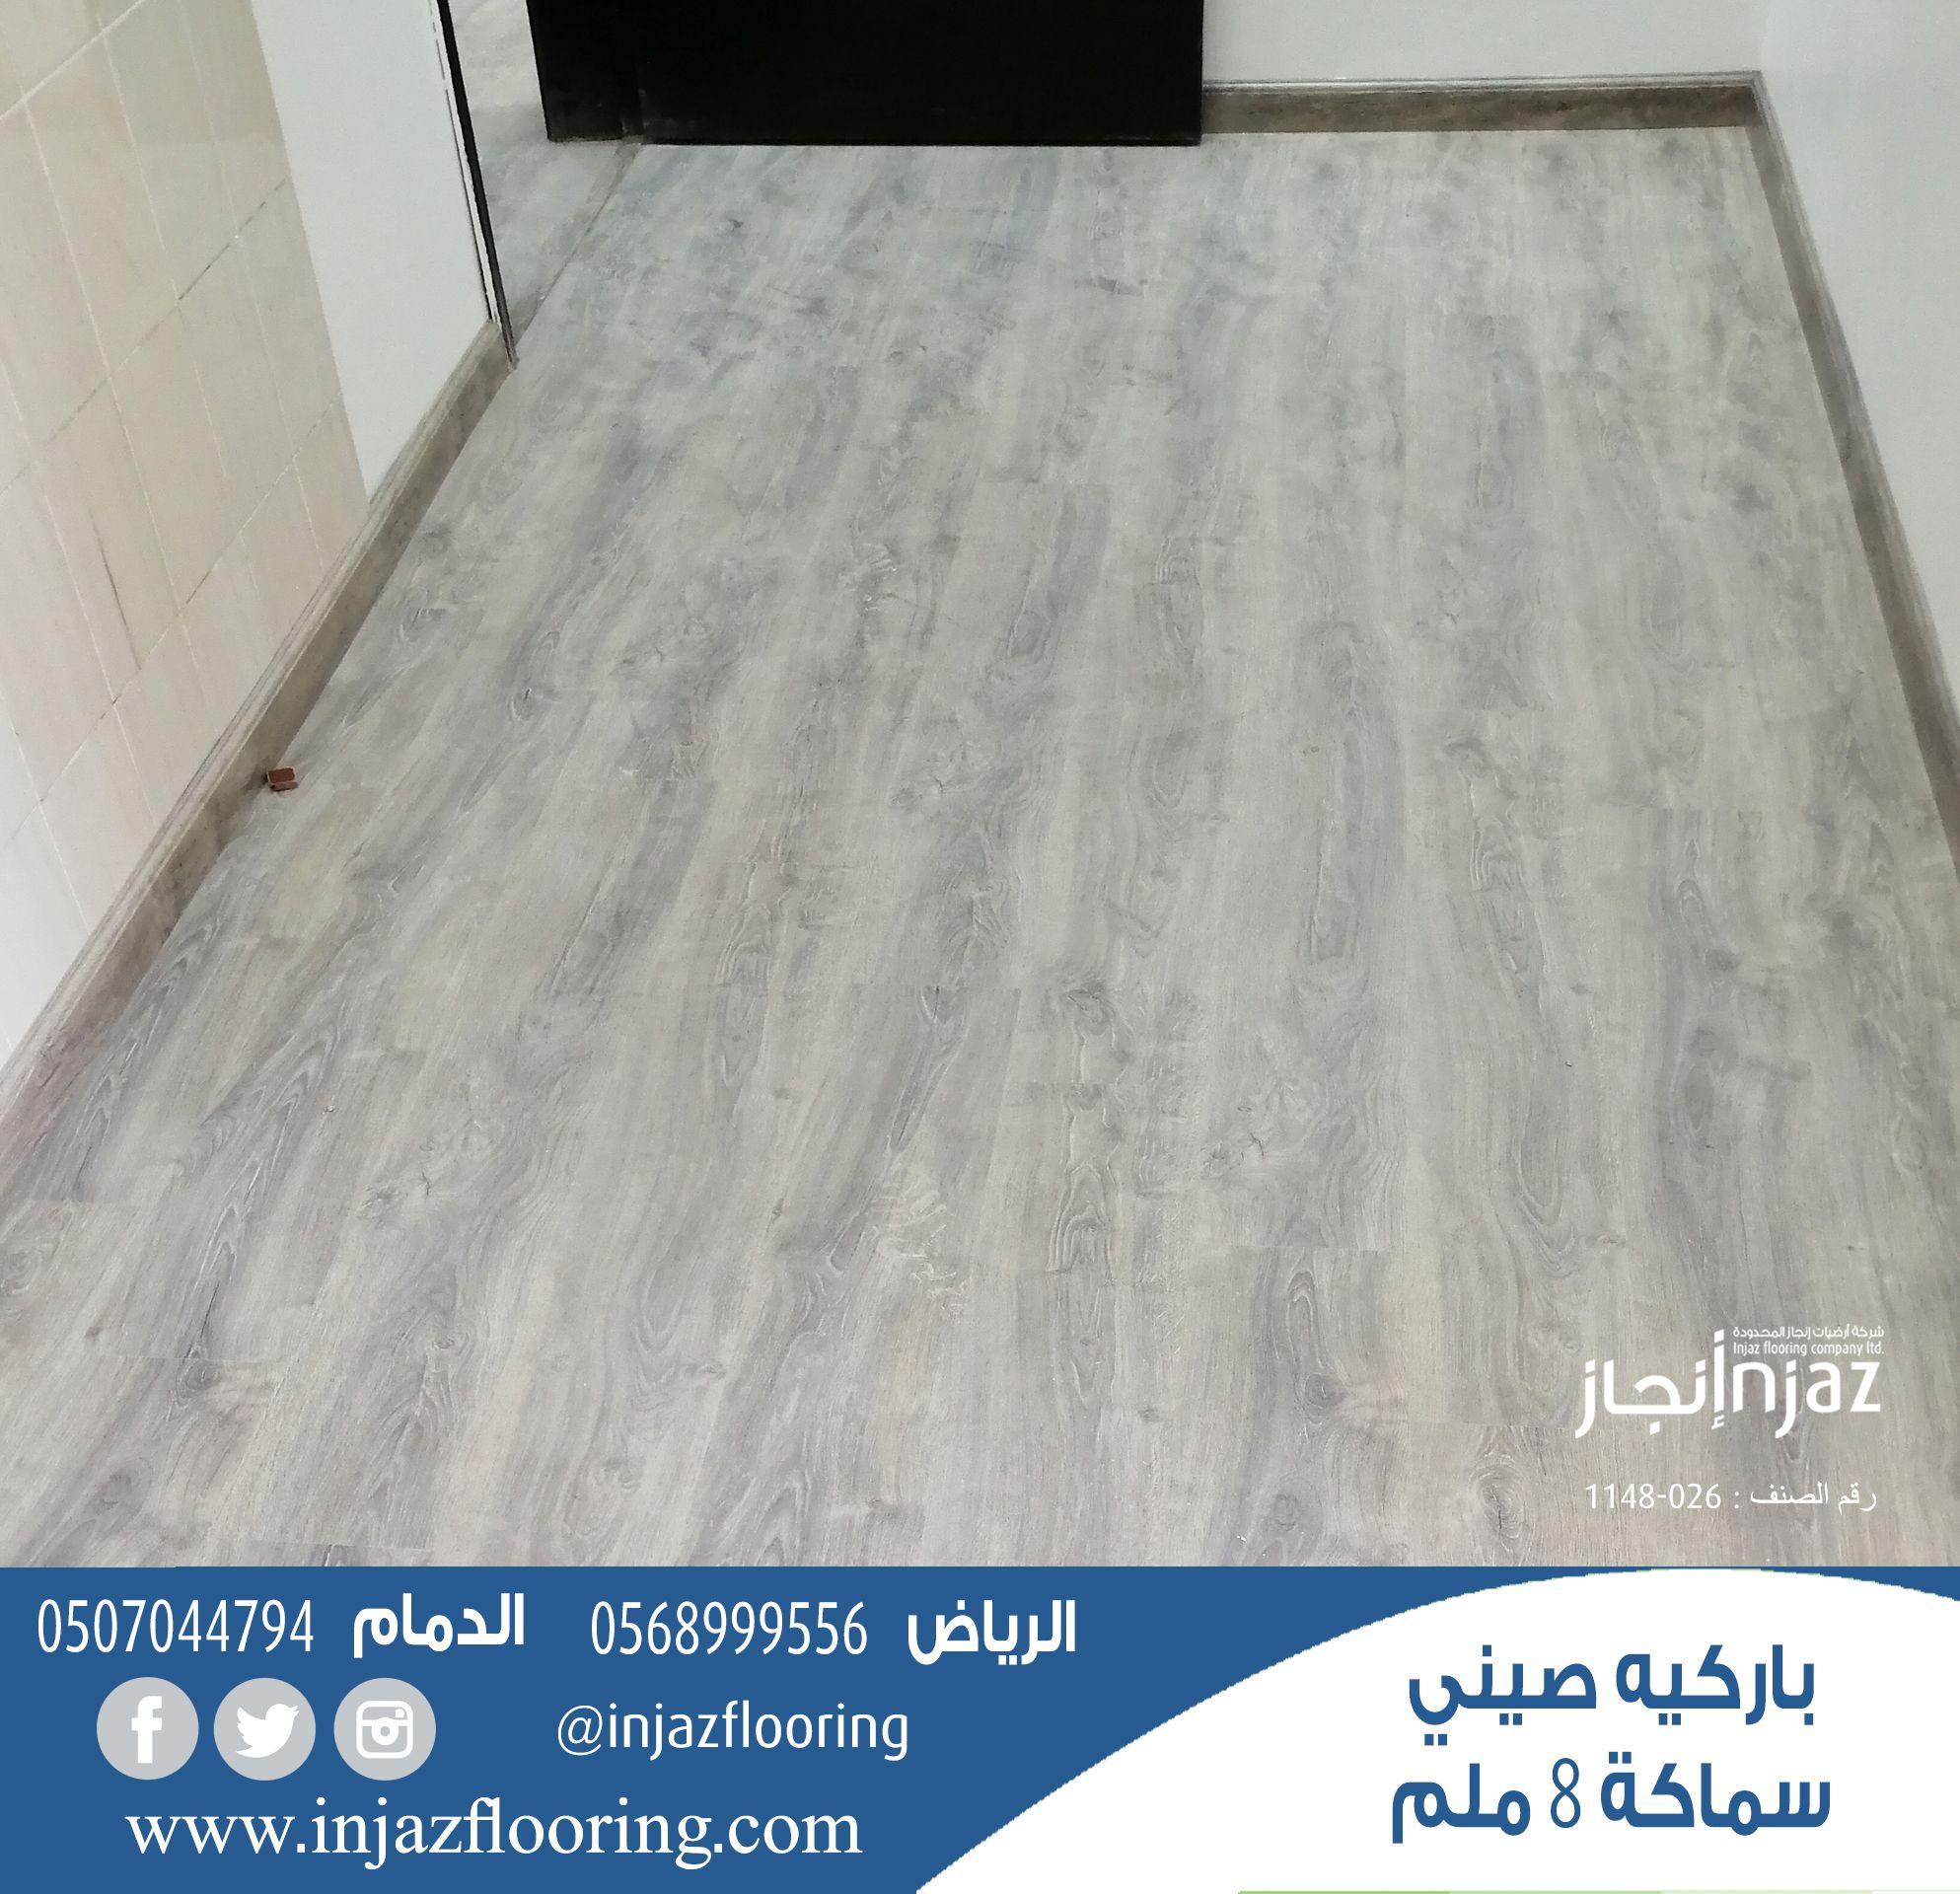 باركيه صيني سماكة 8 ملم Wood Laminate Flooring Wood Laminate Laminate Flooring